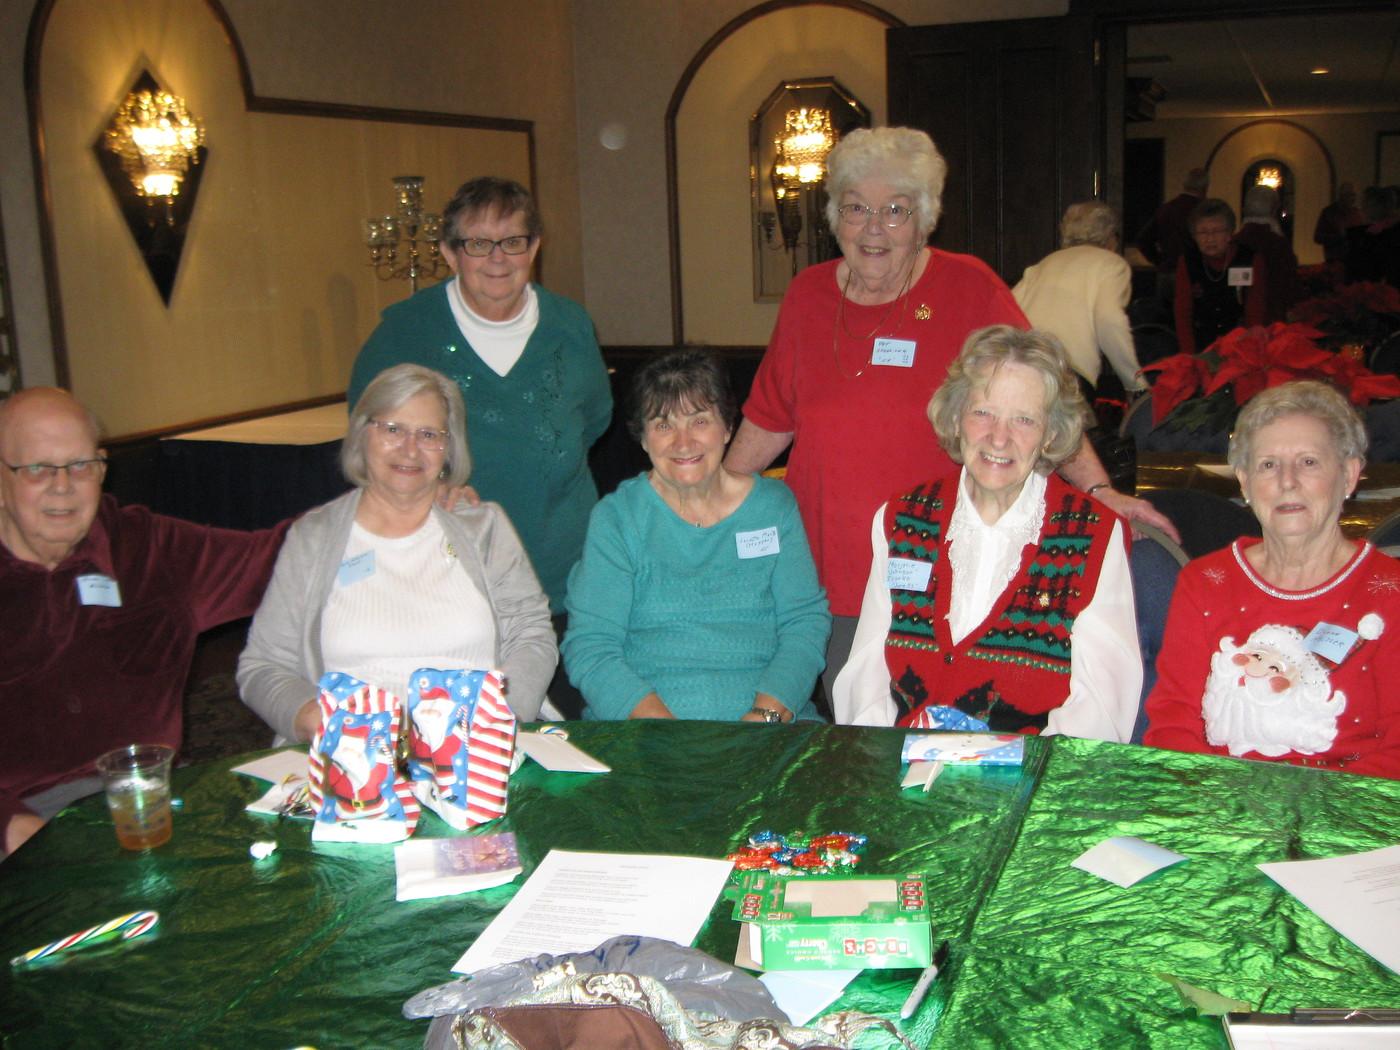 Roger & Anita McFarland, Loretta Marts, Marjorie Ivanko, Donna Heisler, Marylyn Schiller, Pat Schneider